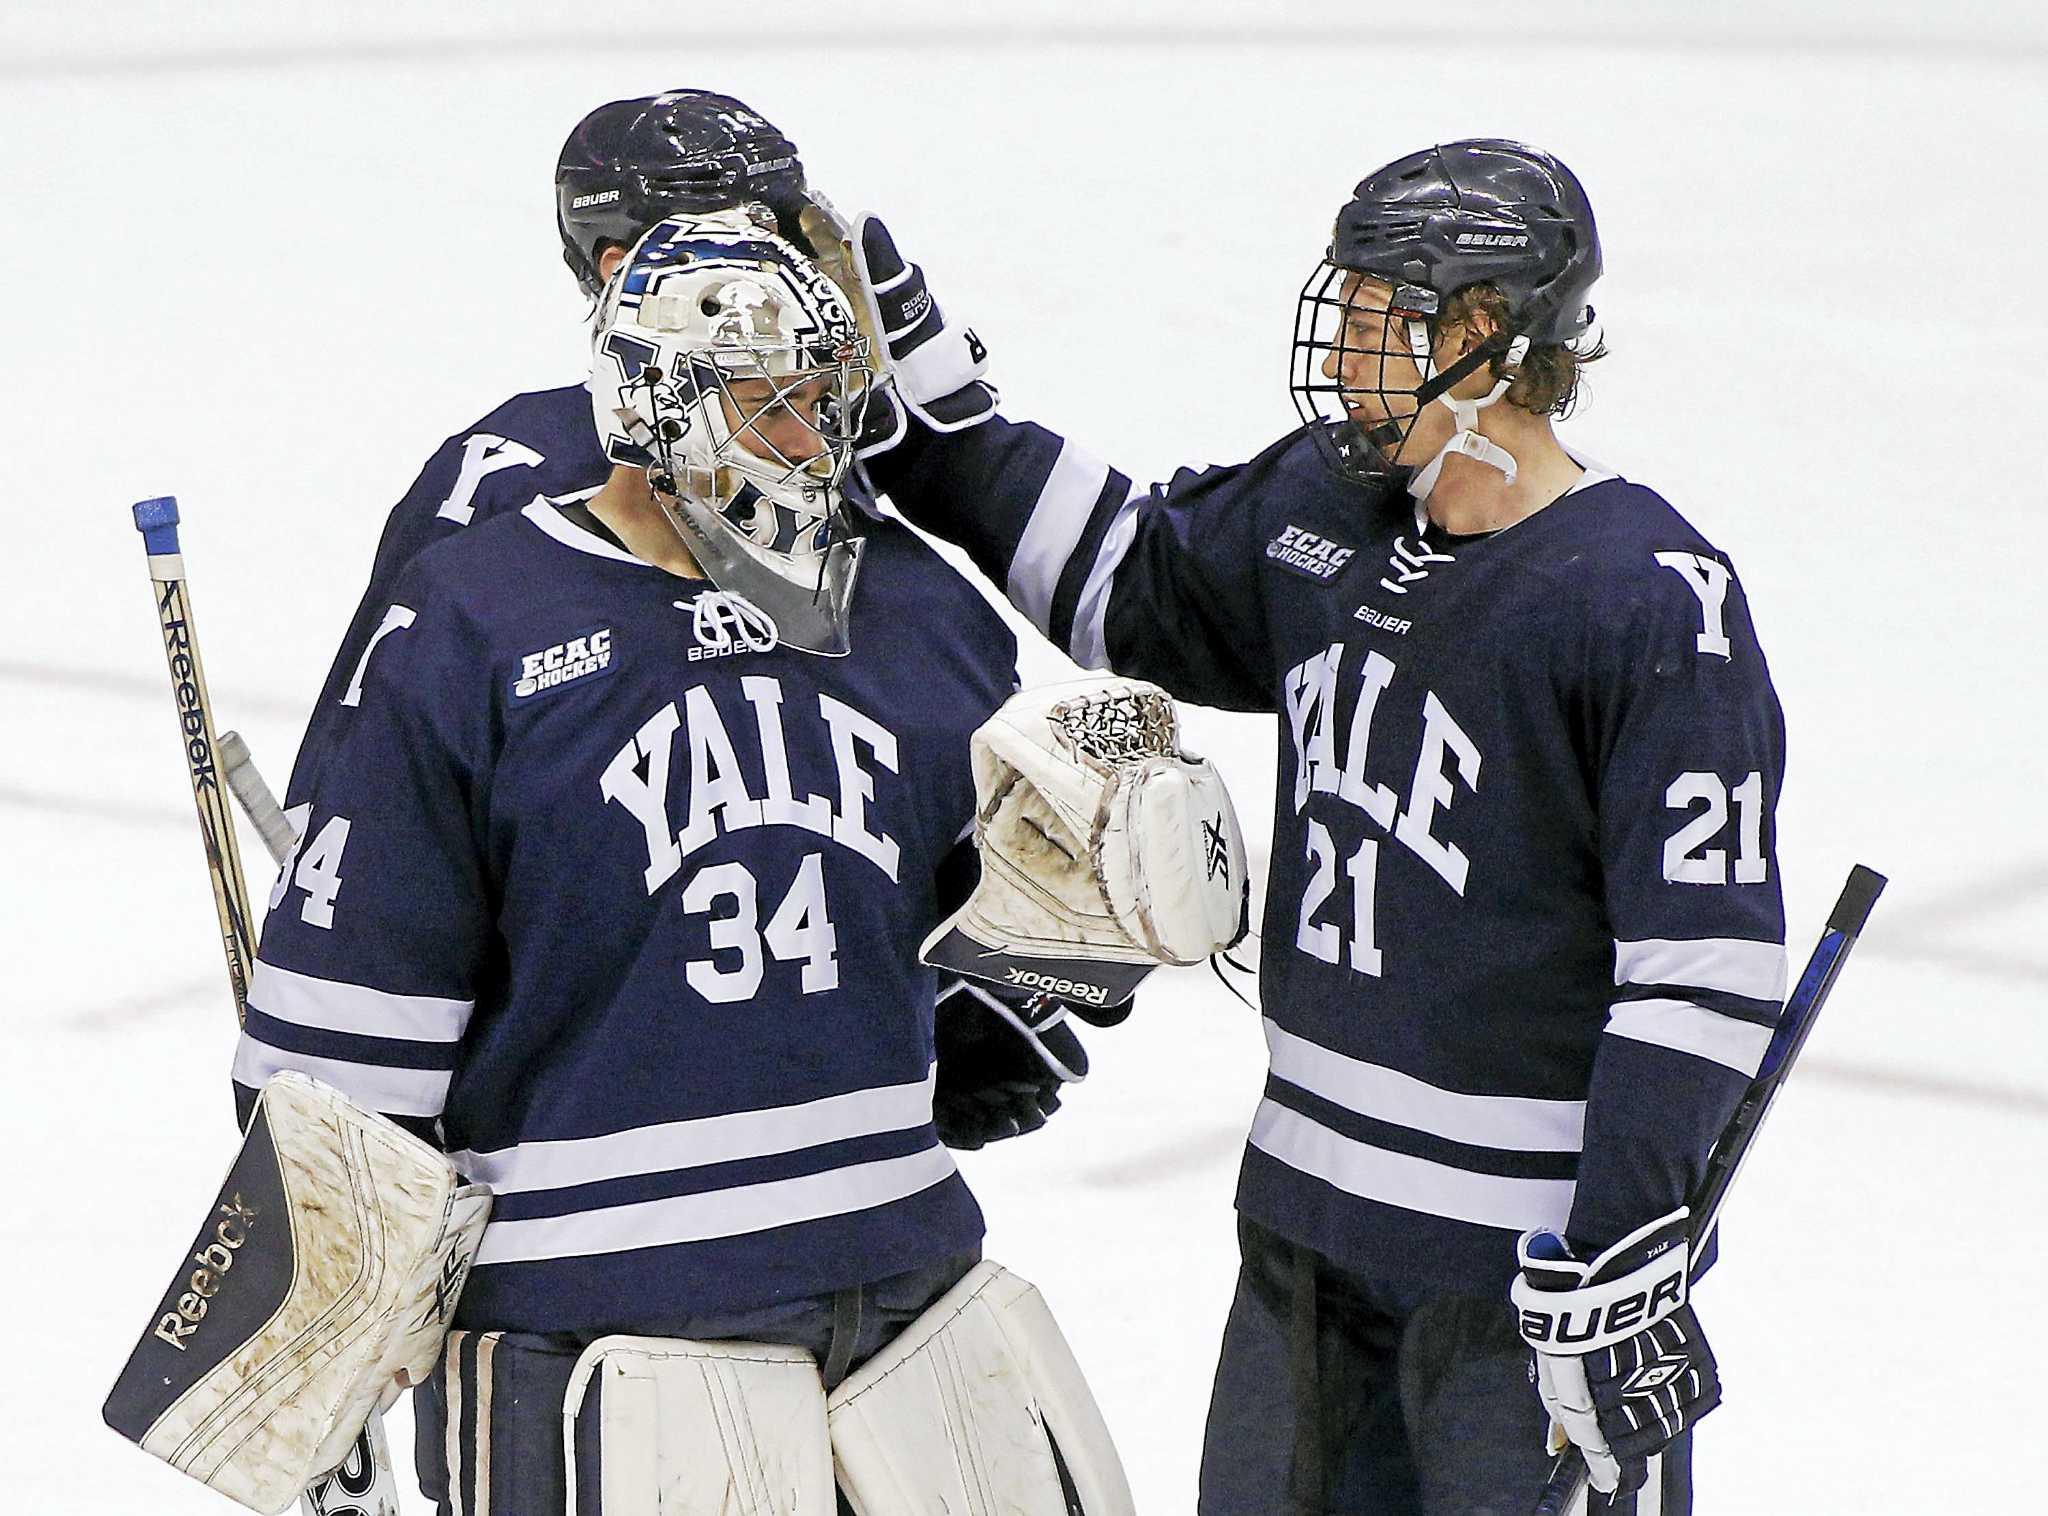 wholesale dealer dfd4d e4b7c Tough schedule awaits Yale men's ice hockey team - New Haven ...